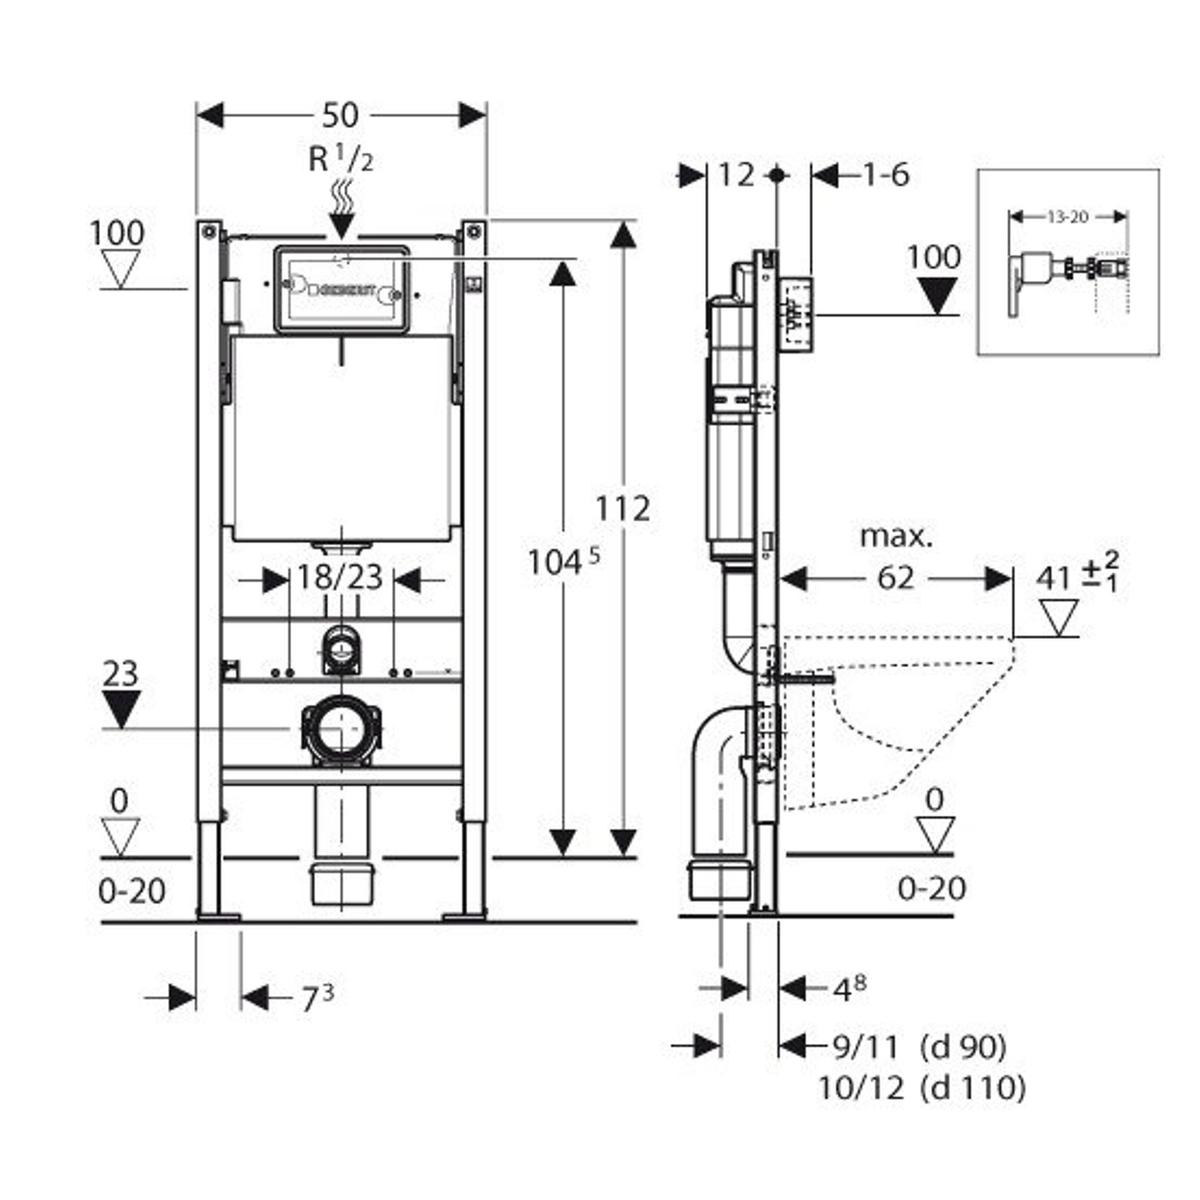 Geberit Duofix Wc Element Met Inbouwreservoir Up100 Basic